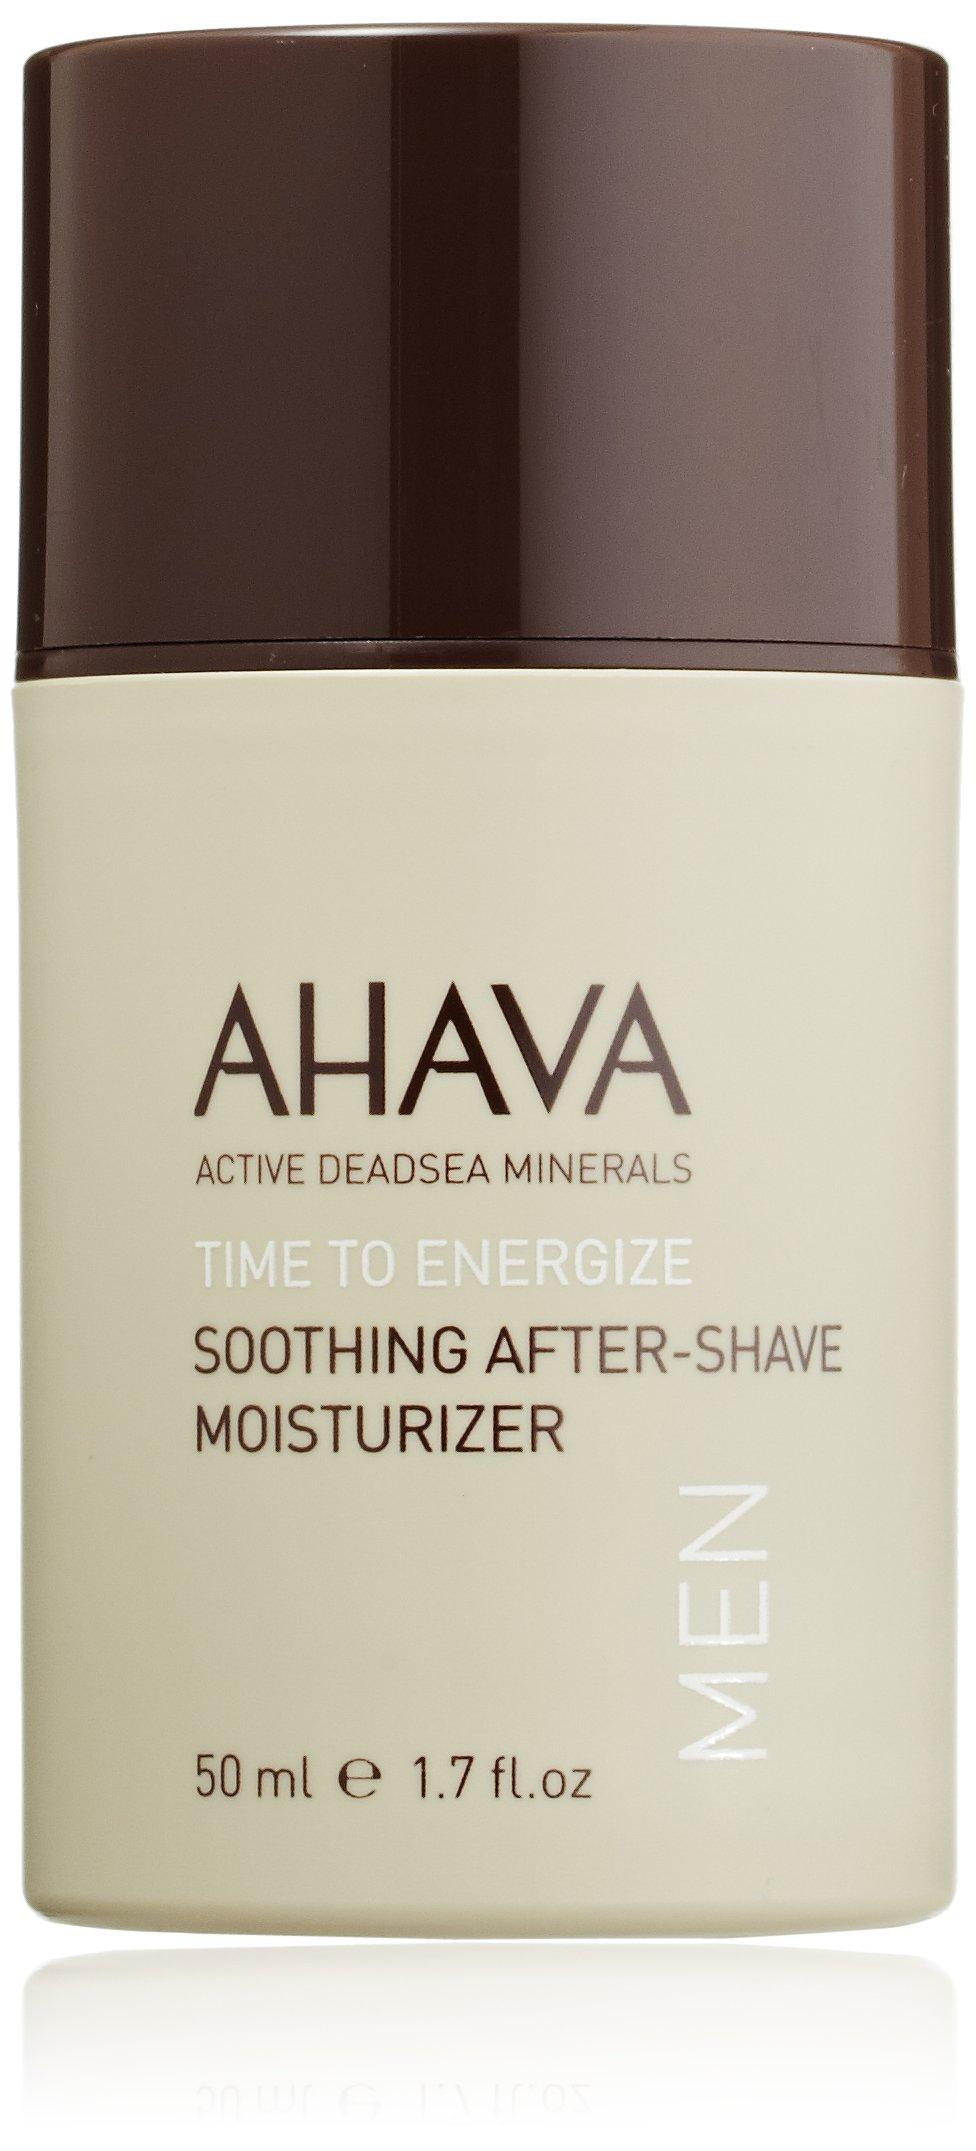 AHAVA Soothing After Shave, Time to Energize, Moisturizer for Men, 1.7 Fl Oz